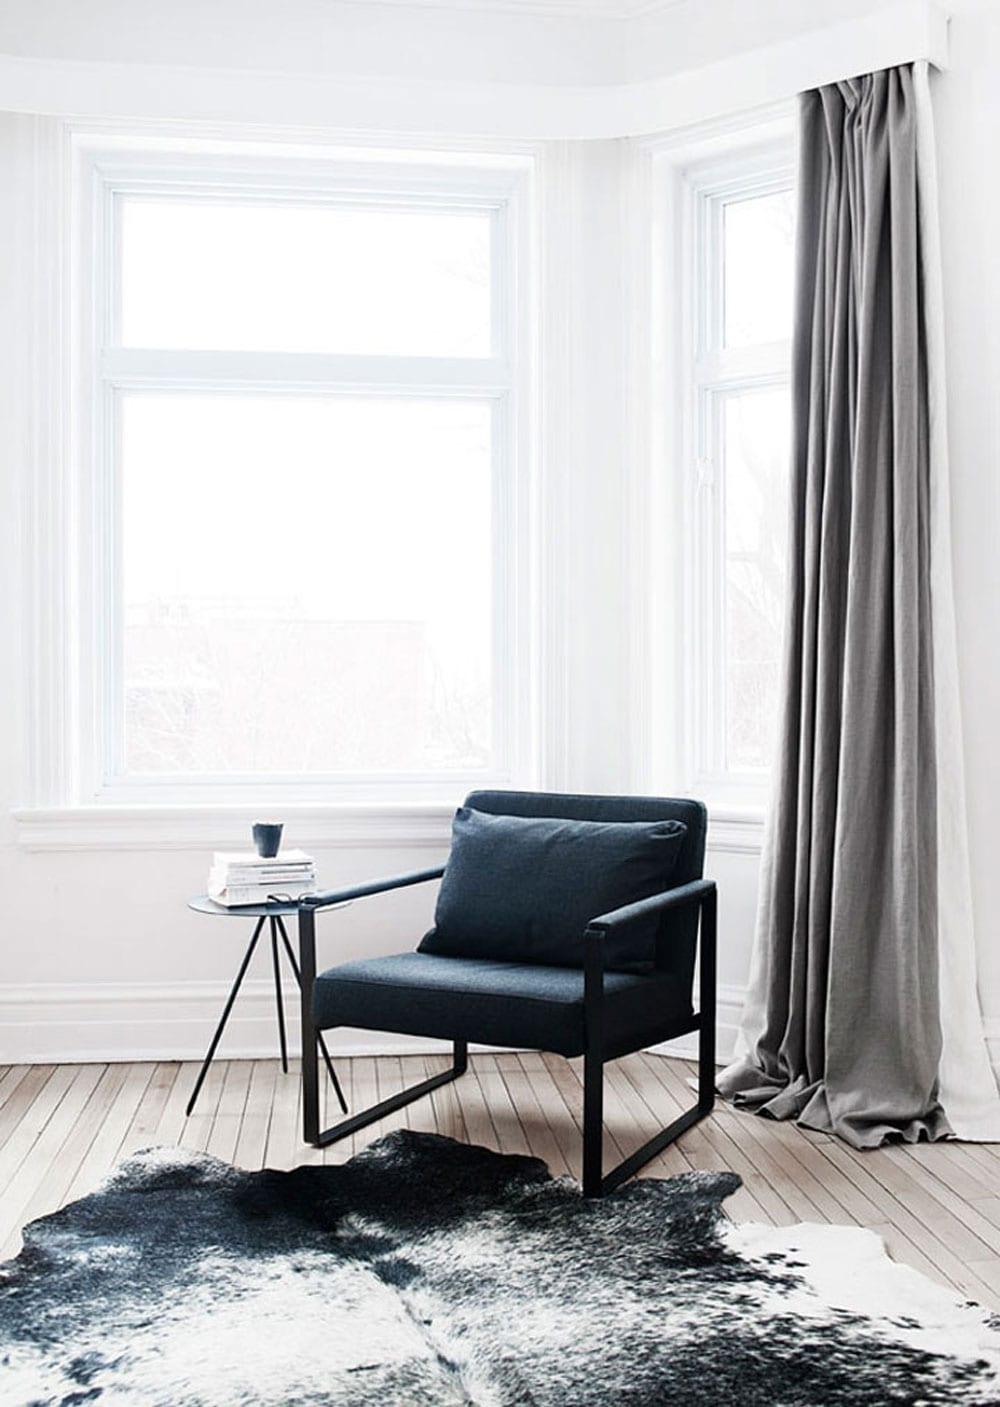 Calming minimalist bedroom moodboard style minimalism for Minimalist living bedroom